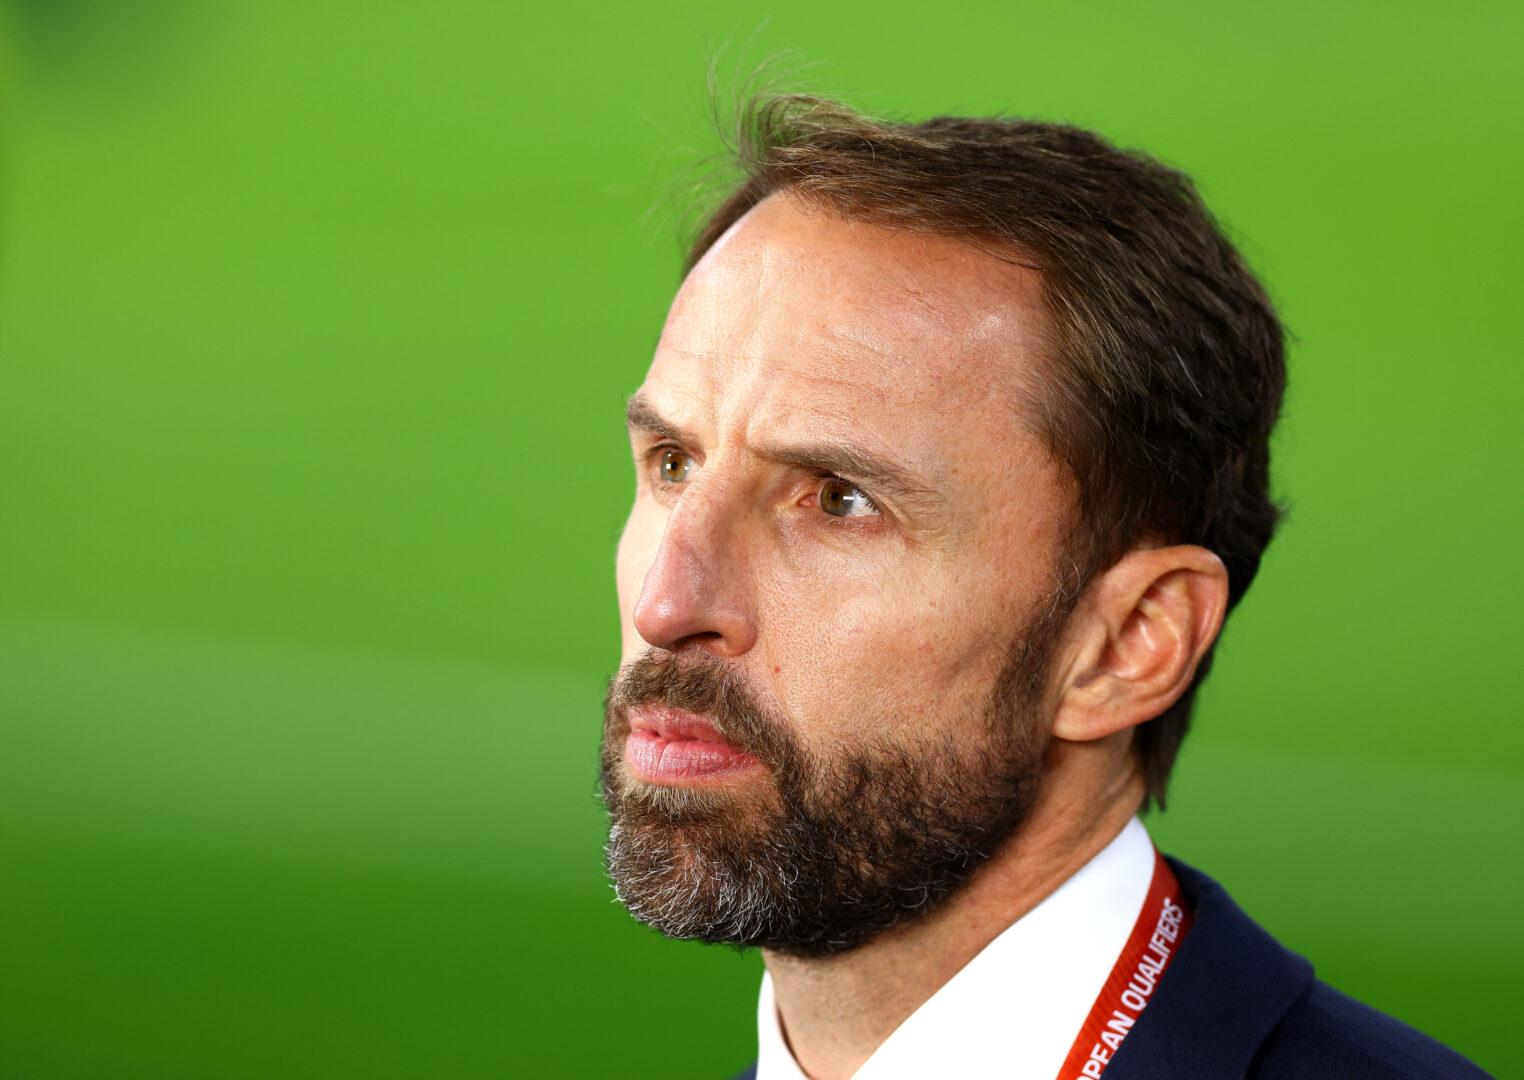 Gareth Southgate vor dem WM-Qualifikationsspiel Ungarn-England.